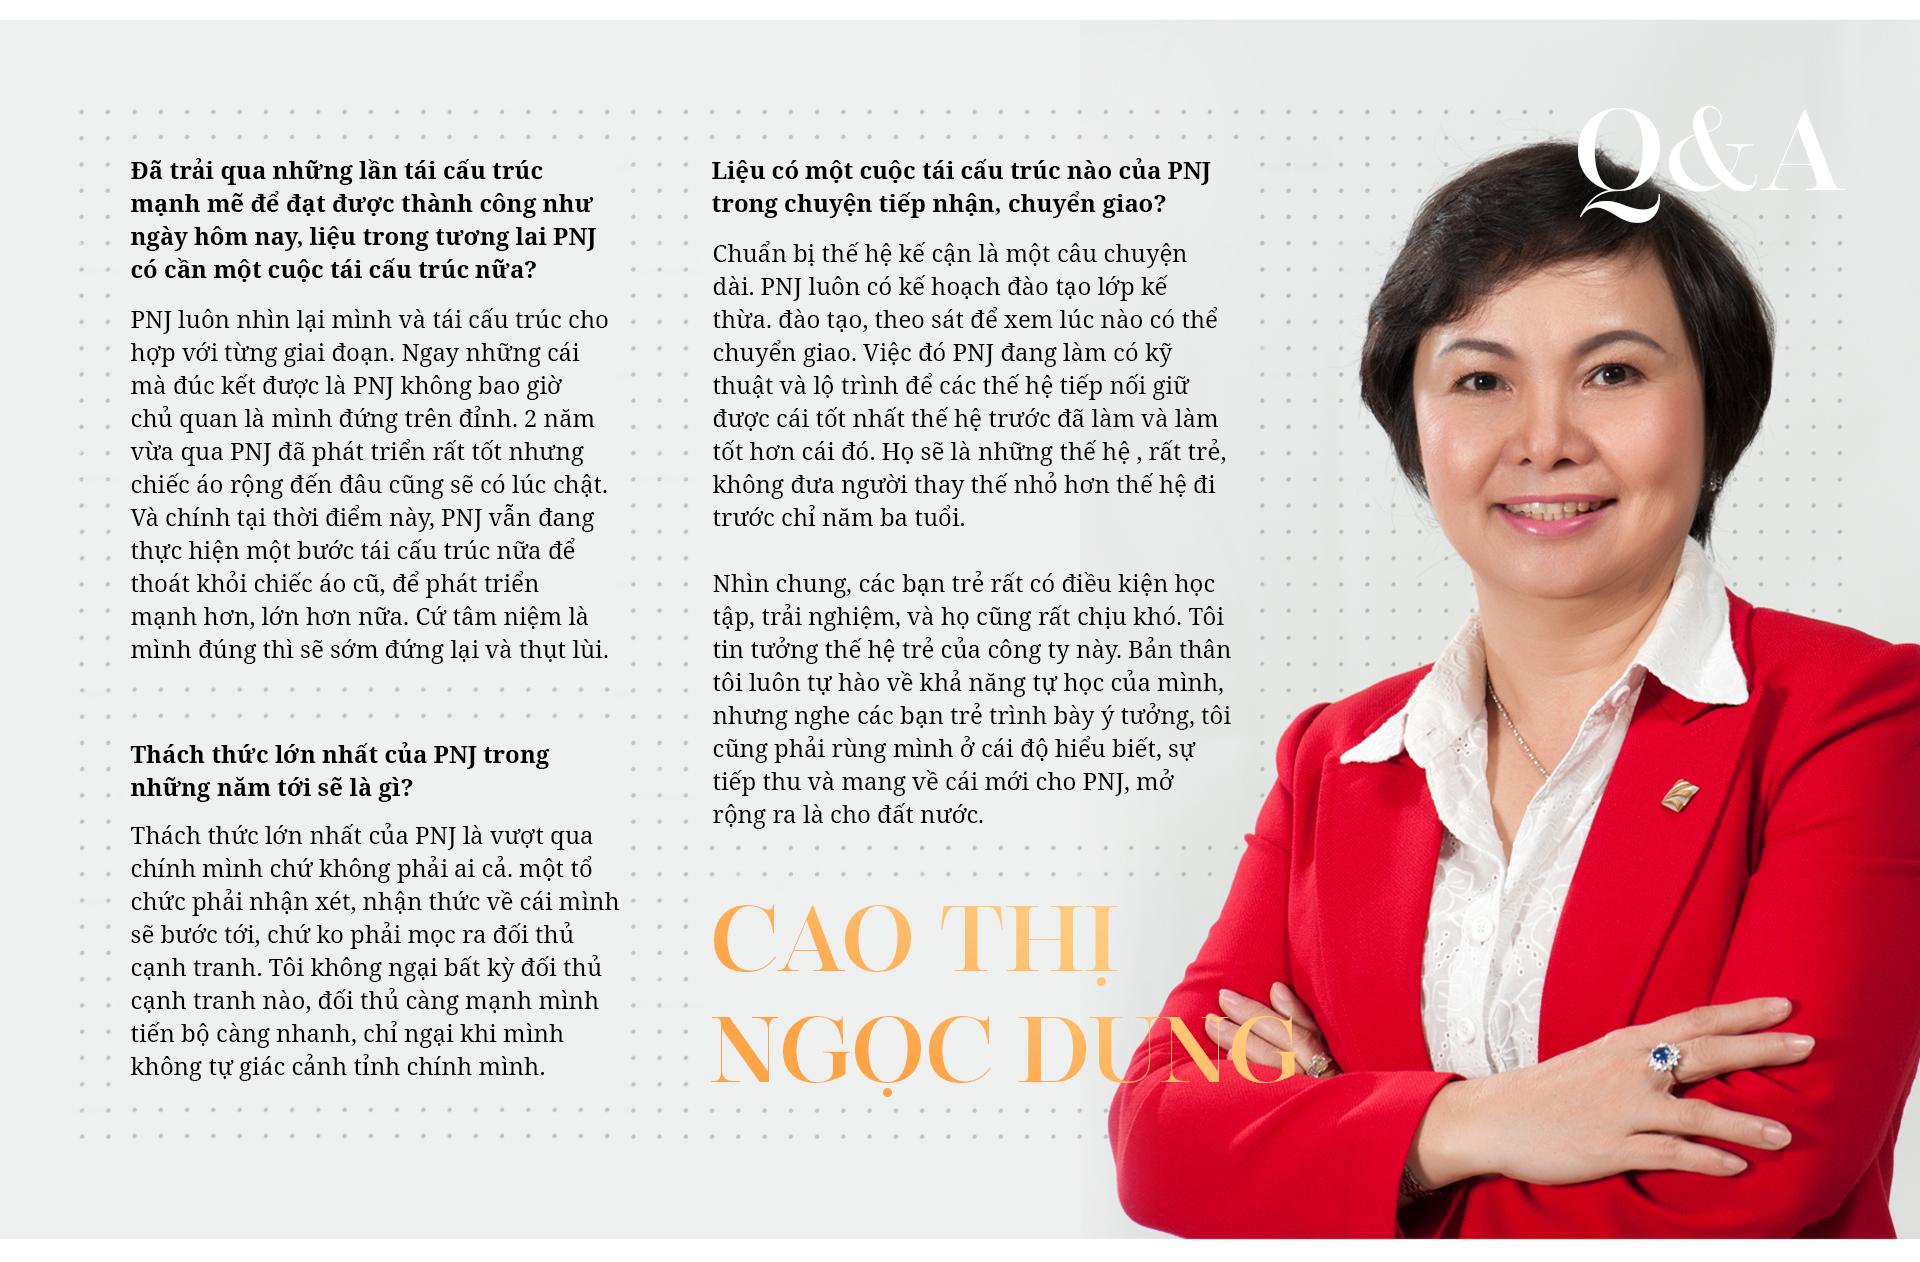 Bà Cao Thị Ngọc Dung: Từ cán bộ Nhà nước tới nữ tướng có tầm nhìn xa tới 2 thập kỷ, biến PNJ thành nhà bán lẻ trang sức số 1 Việt Nam - Ảnh 14.